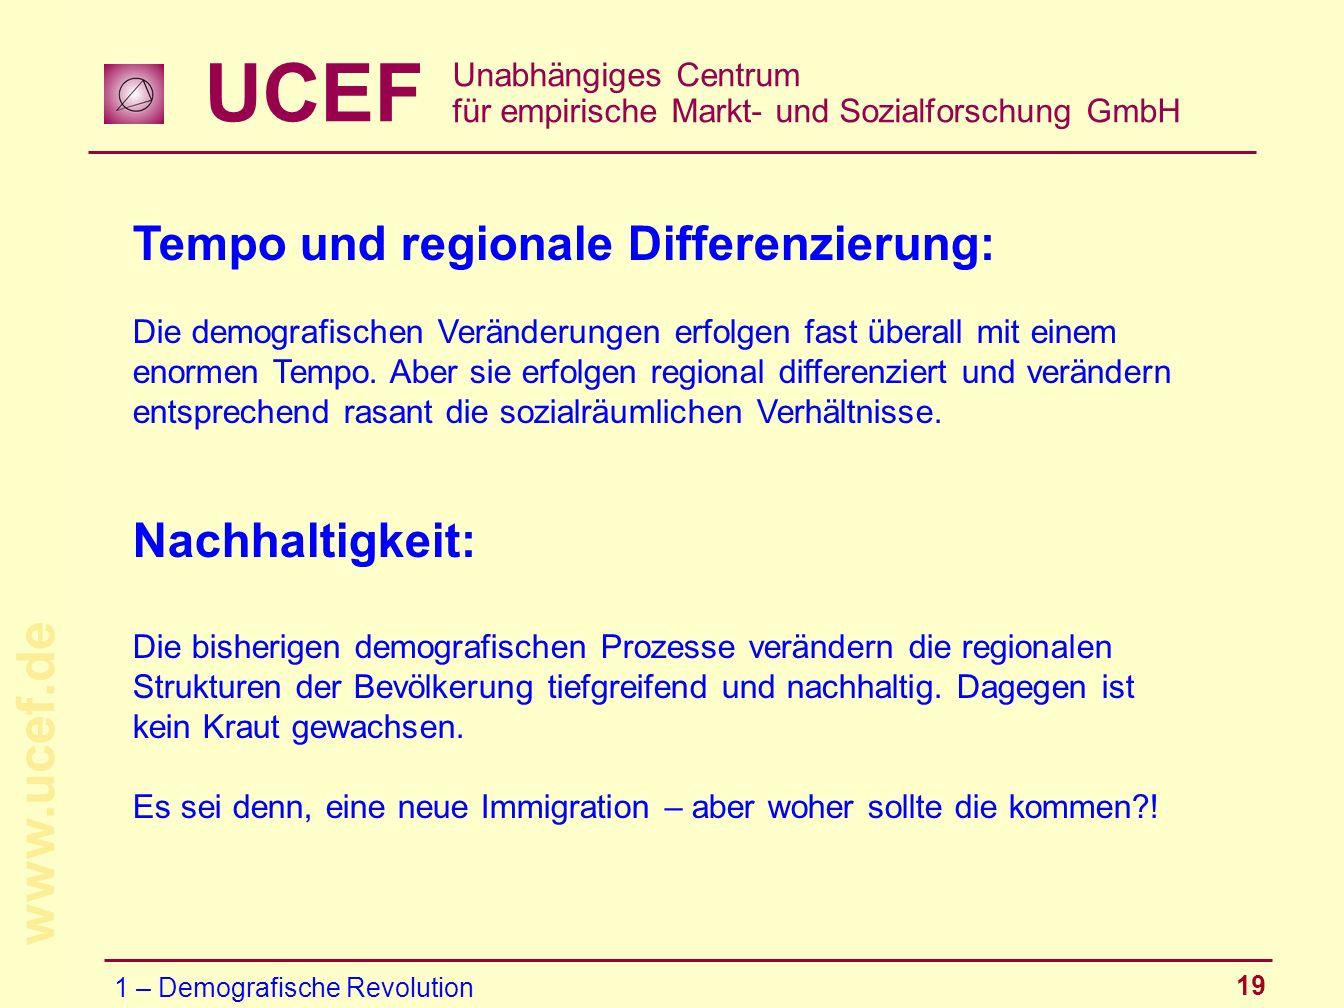 UCEF Unabhängiges Centrum für empirische Markt- und Sozialforschung GmbH www.ucef.de 19 Tempo und regionale Differenzierung: Die demografischen Veränd